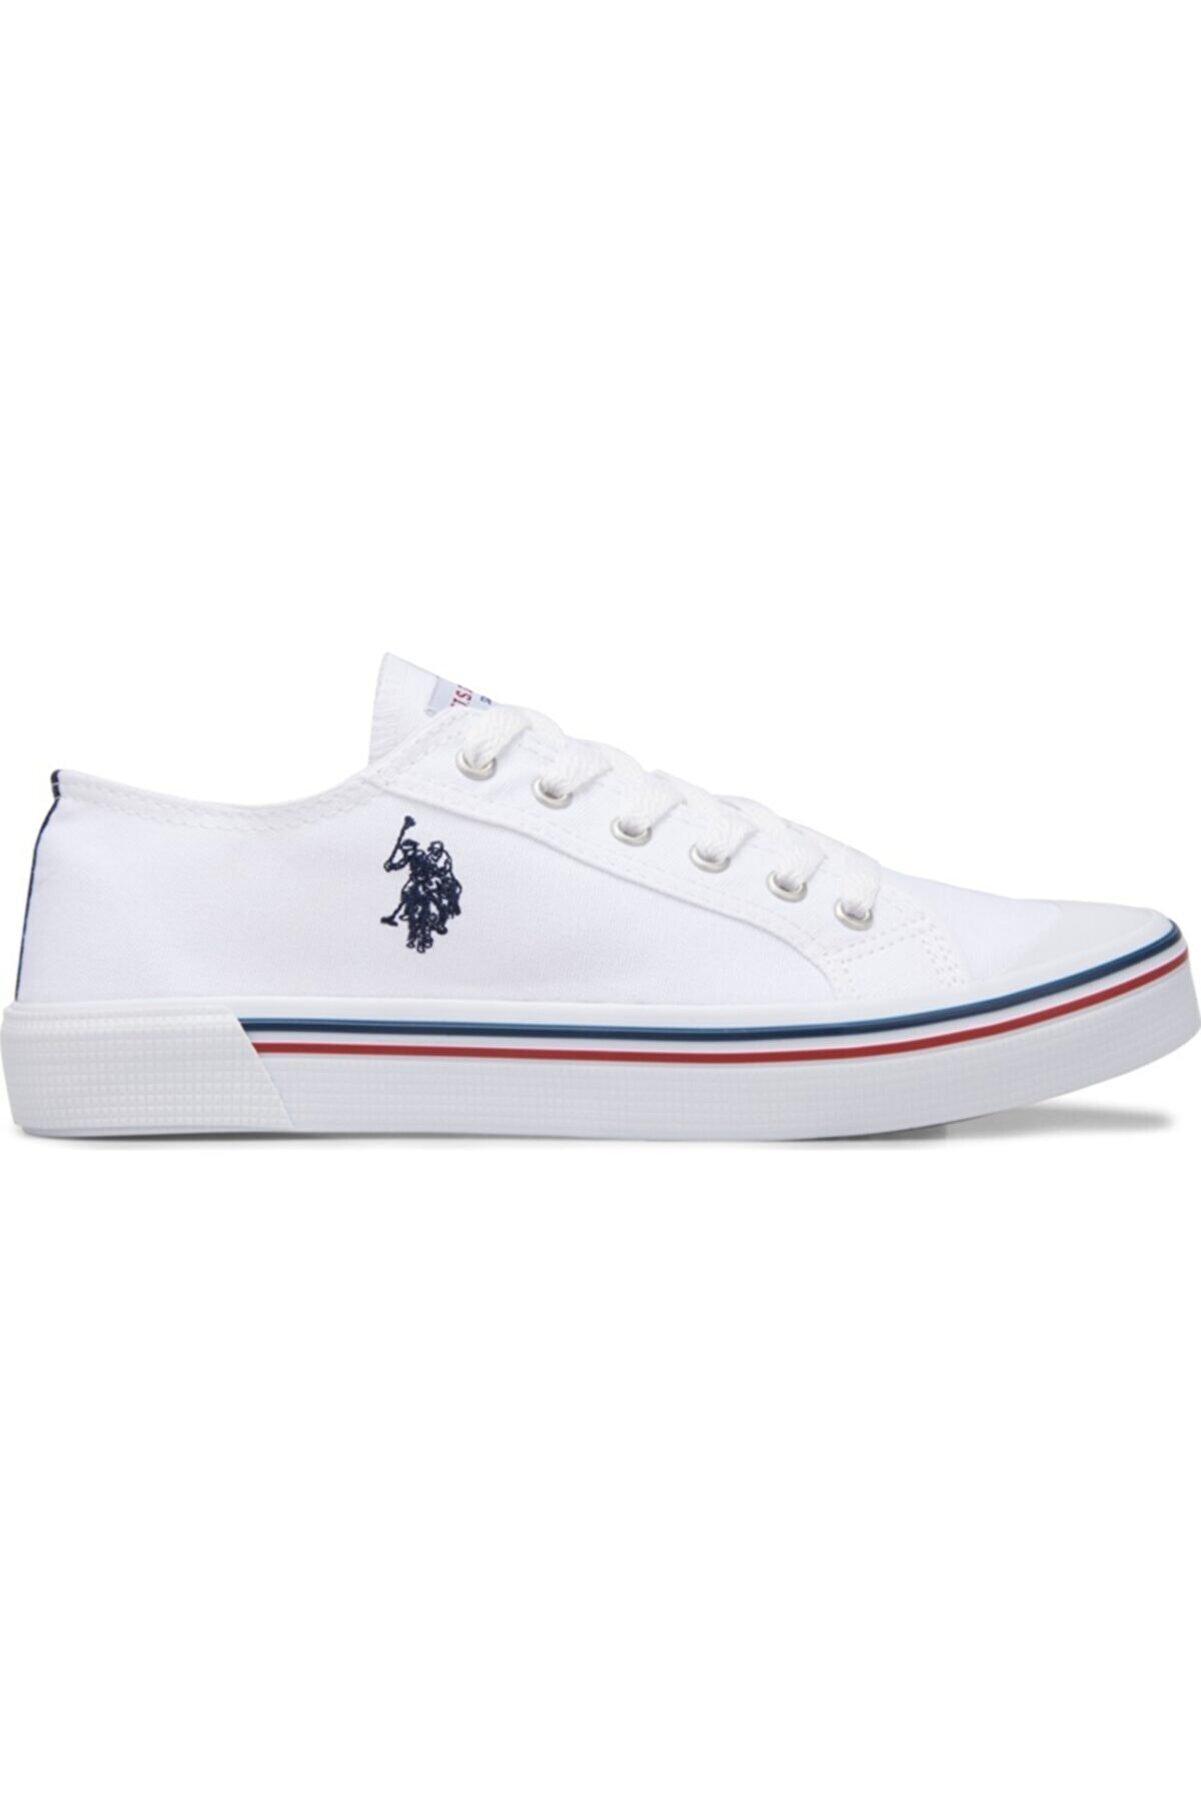 US Polo Assn Kadın Beyaz Penelope Günlük Yürüyüş Spor Ayakkabı